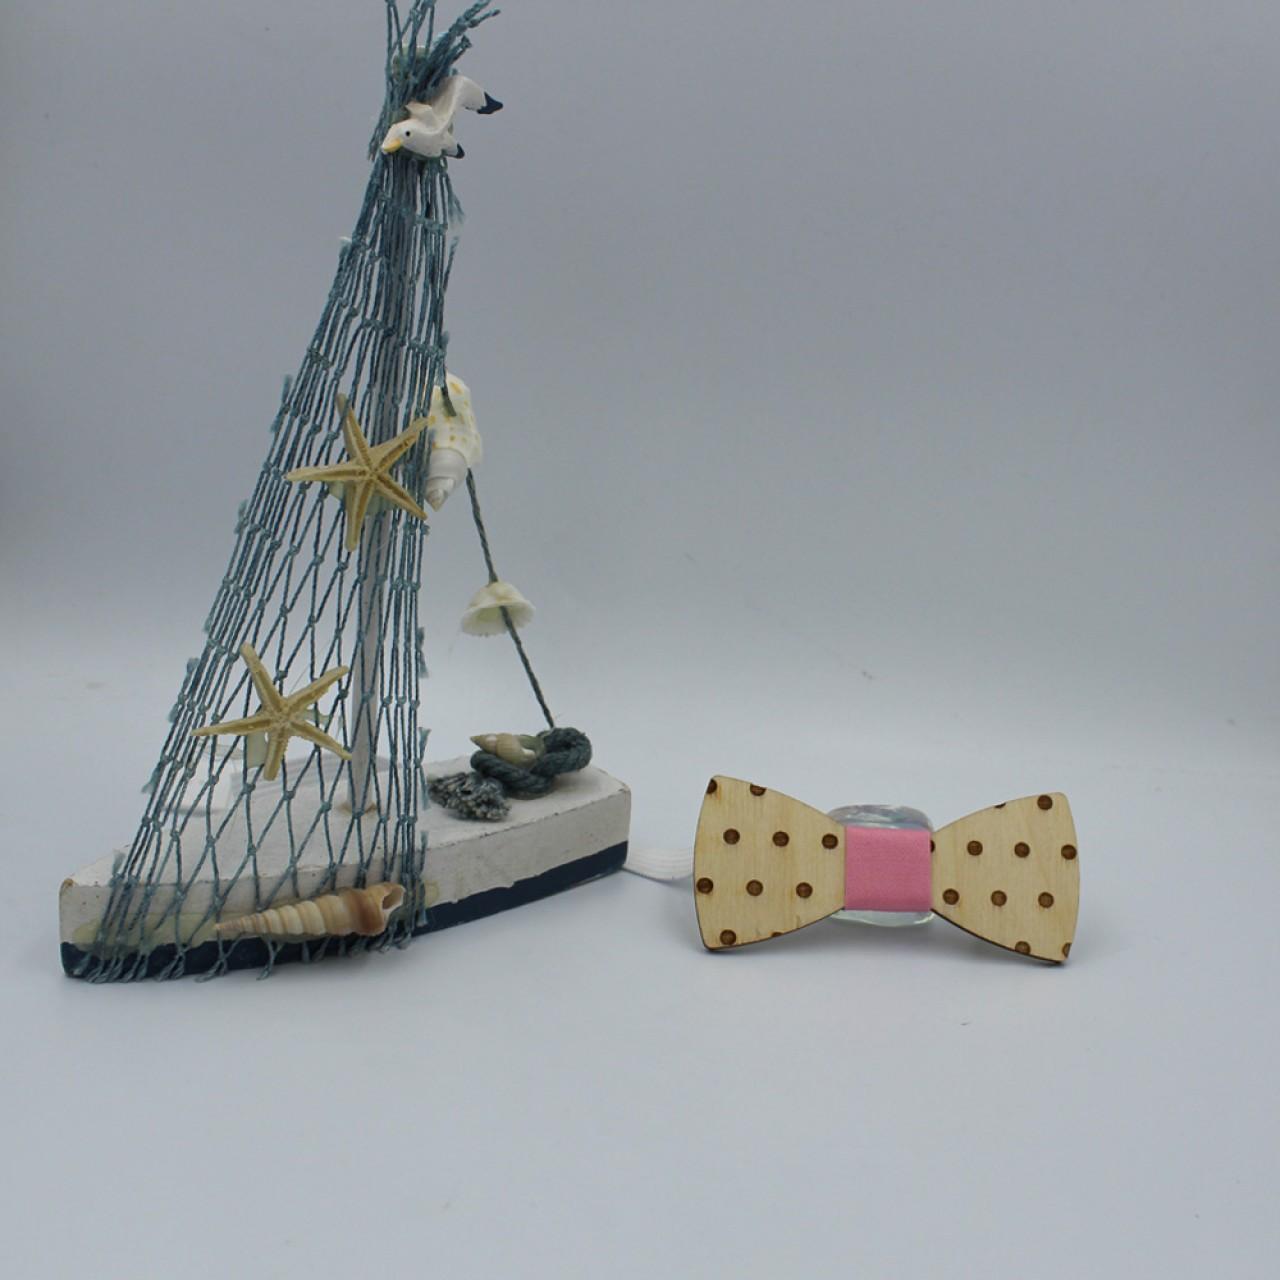 Ξύλινο Βρεφικό Παπιγιόν Με Ροζ Κόμπο 8 - 36 Μηνών - 4223